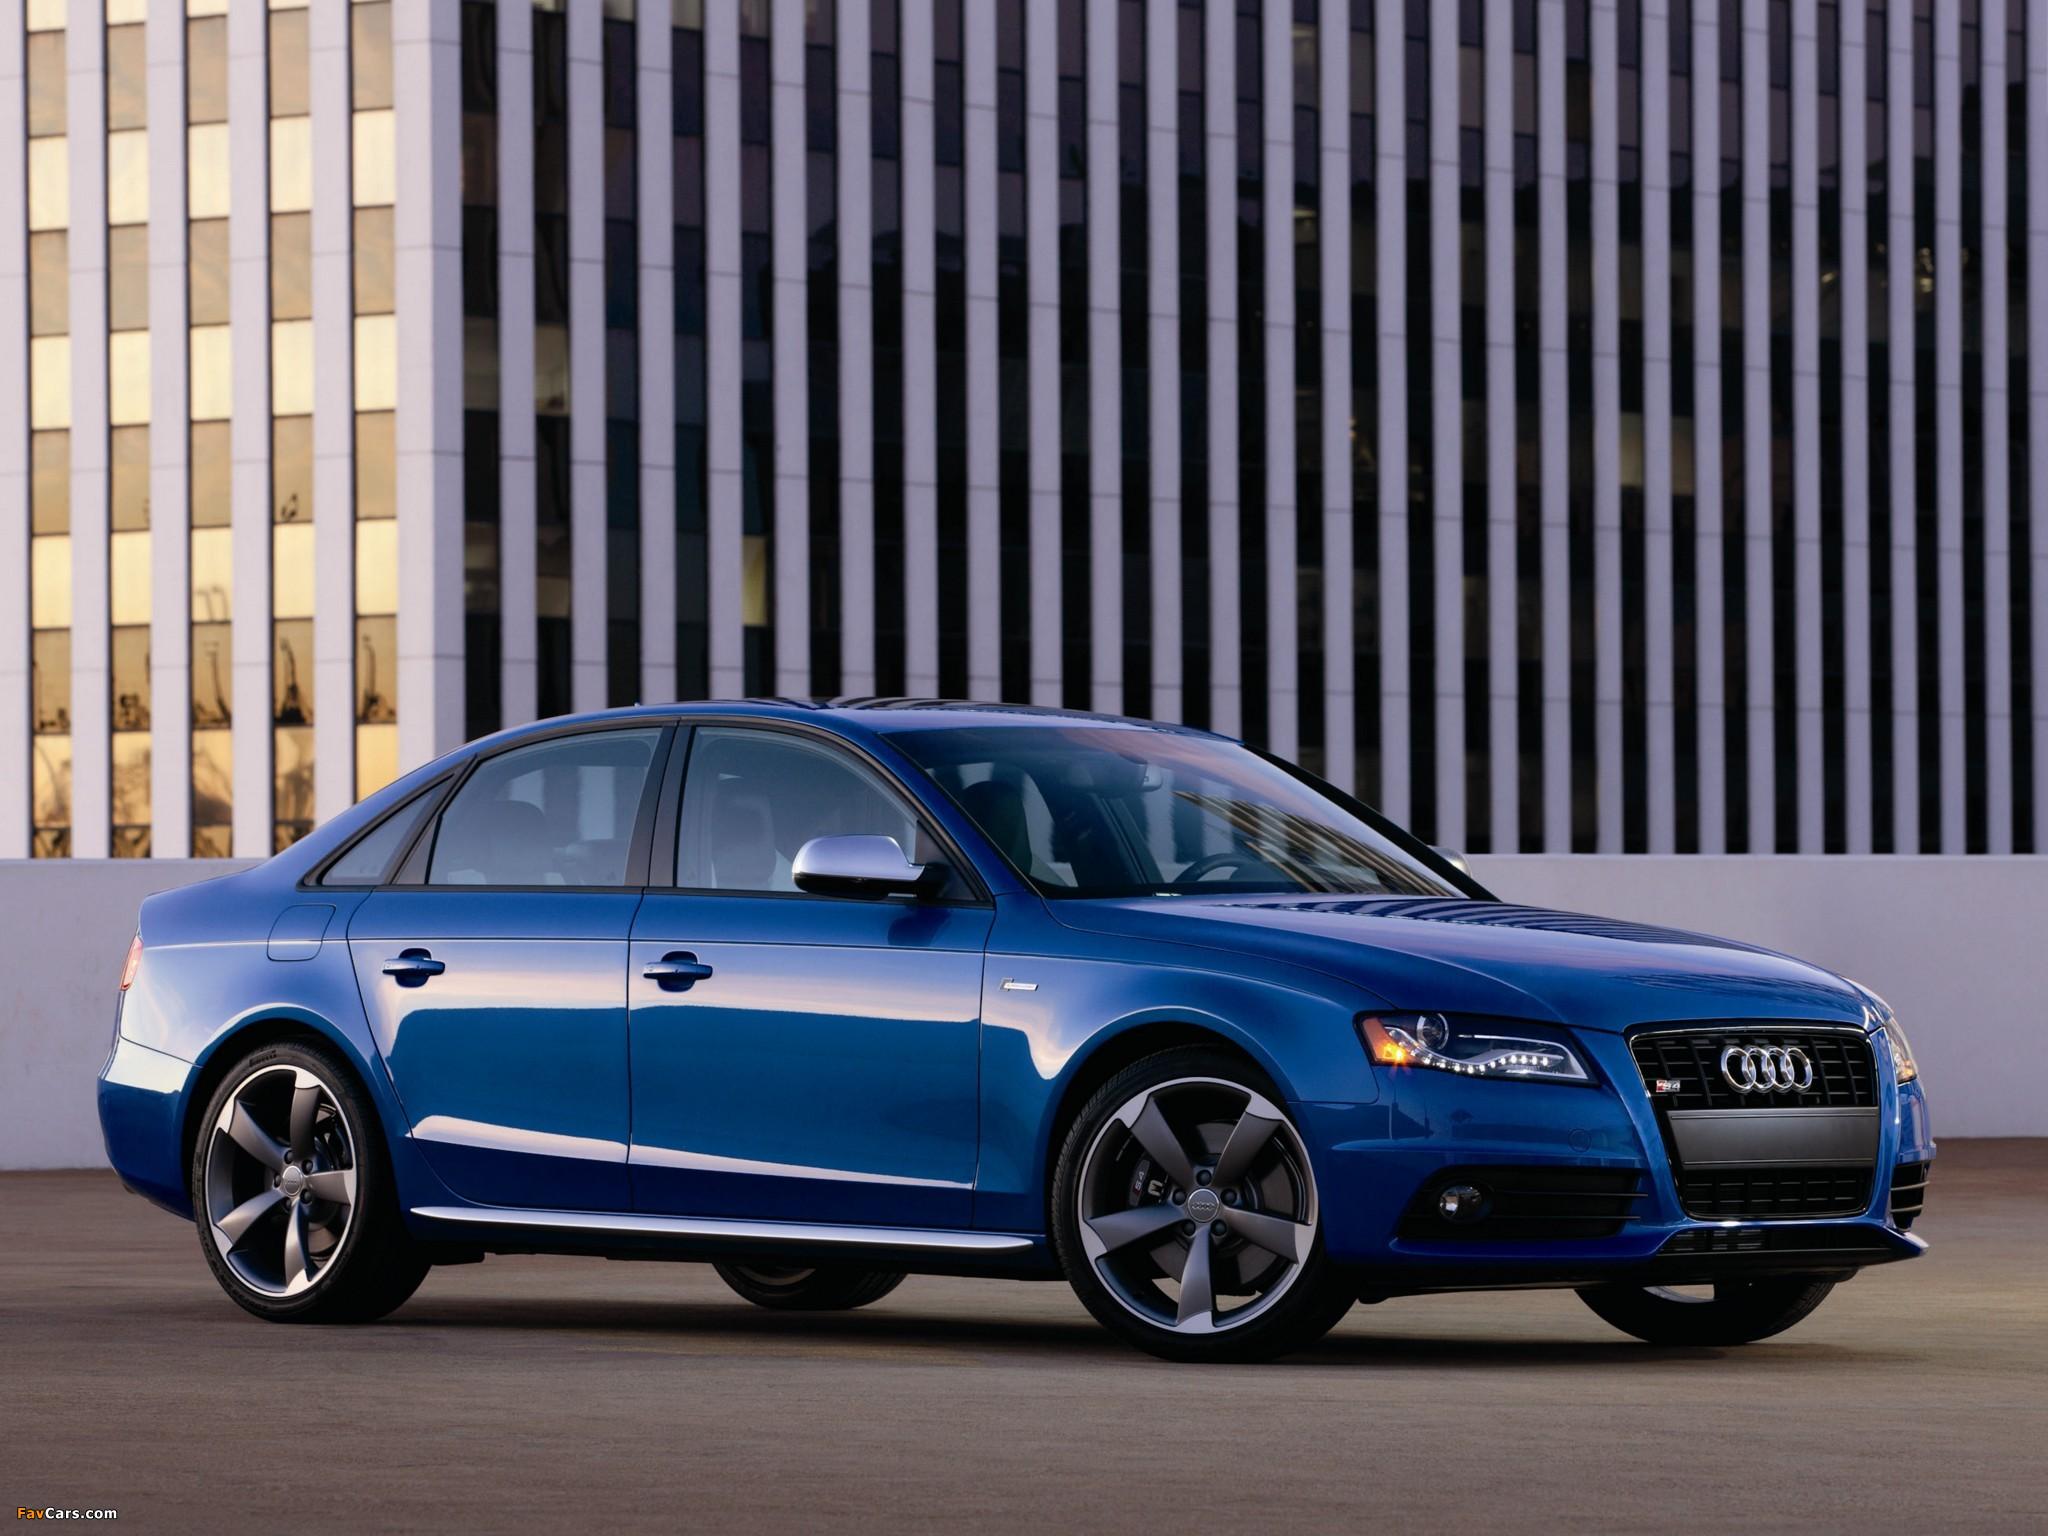 2009 Audi S4 Price